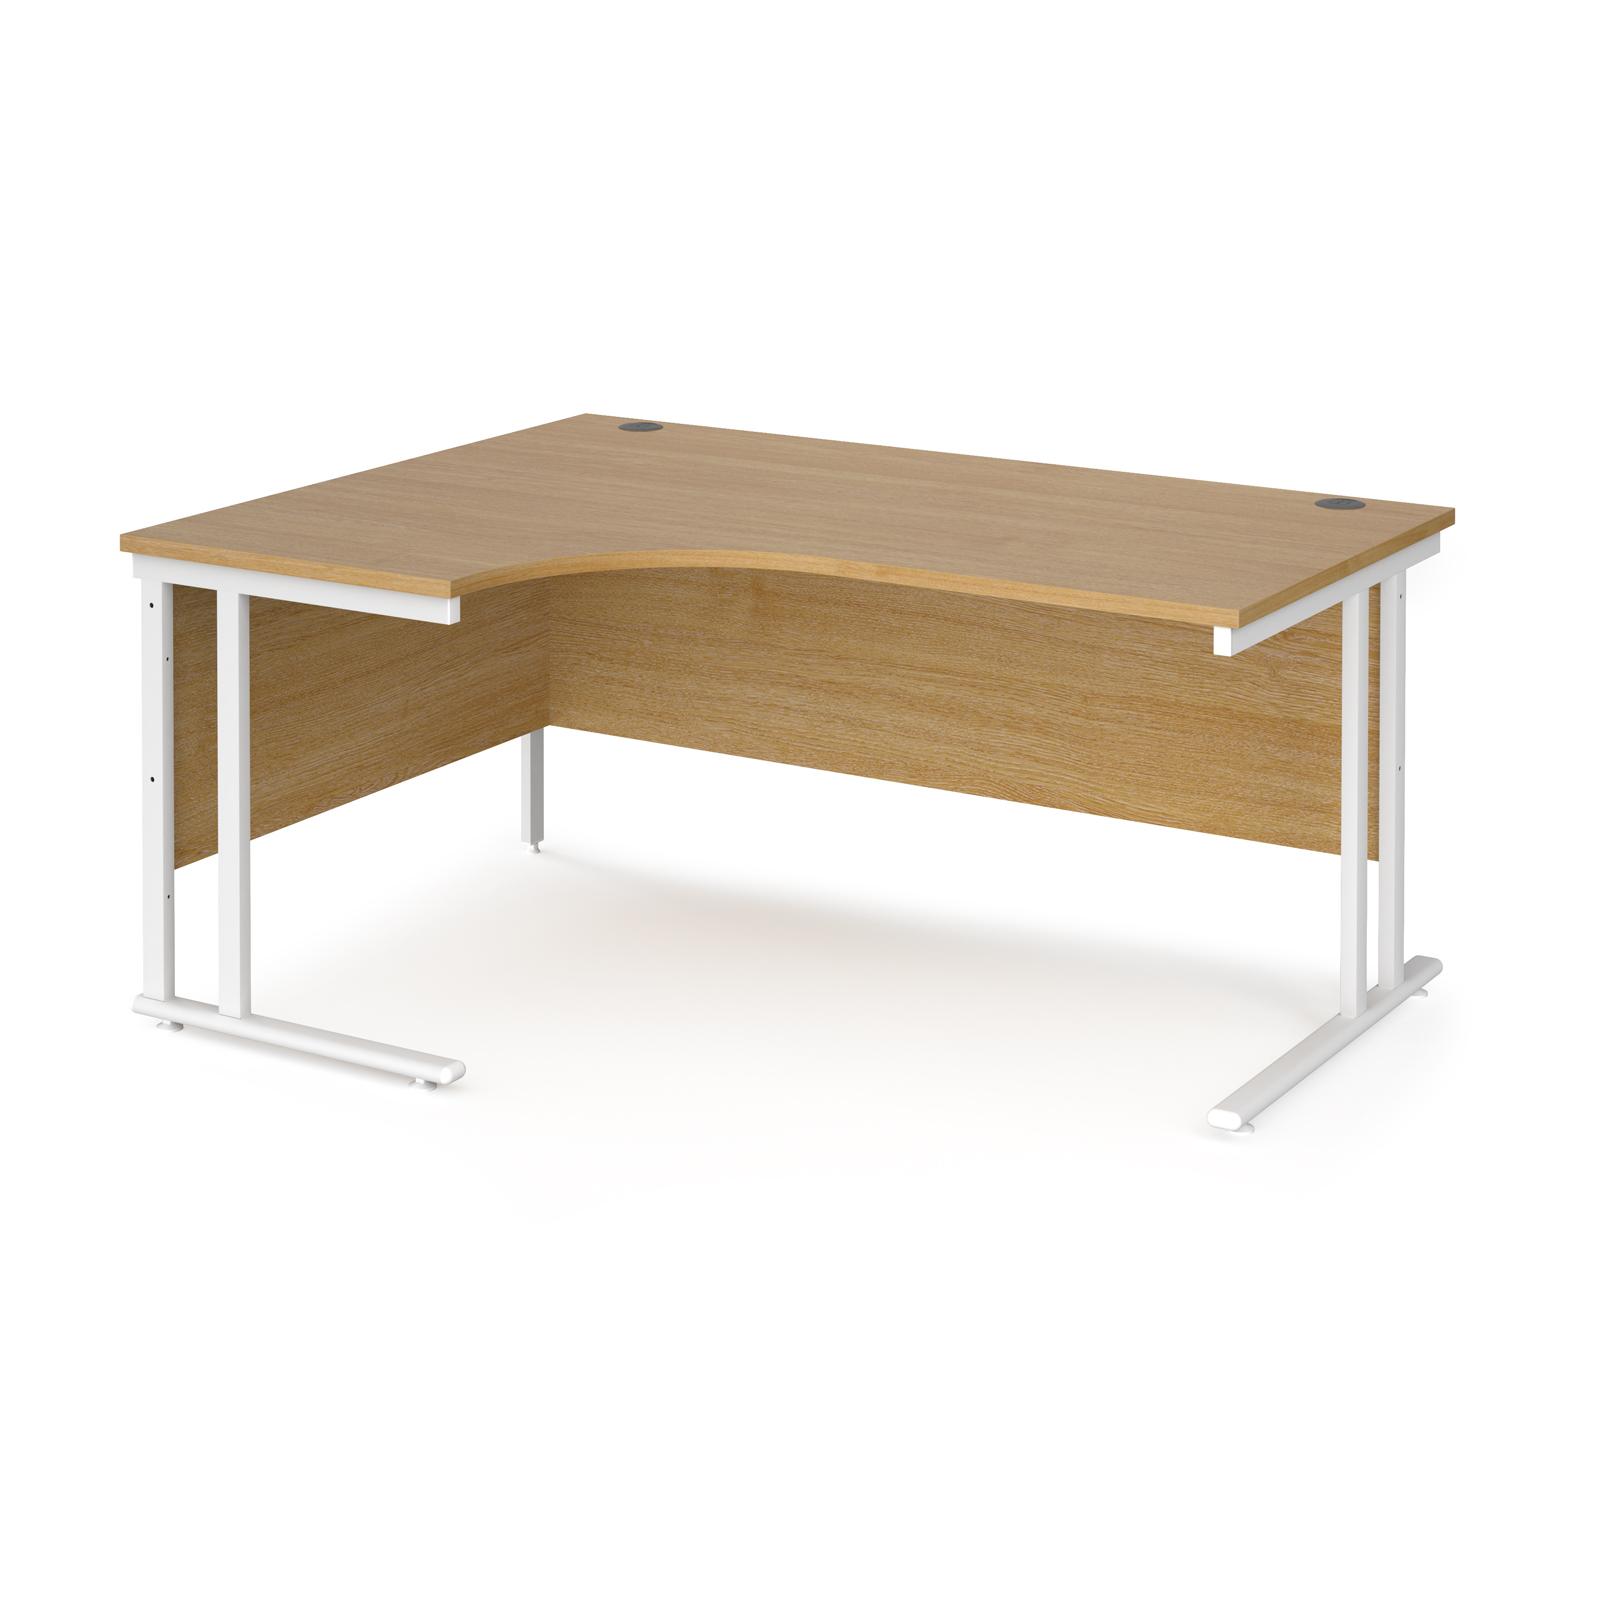 Maestro 25 left hand ergonomic desk 1600mm wide - white cantilever leg frame, oak top